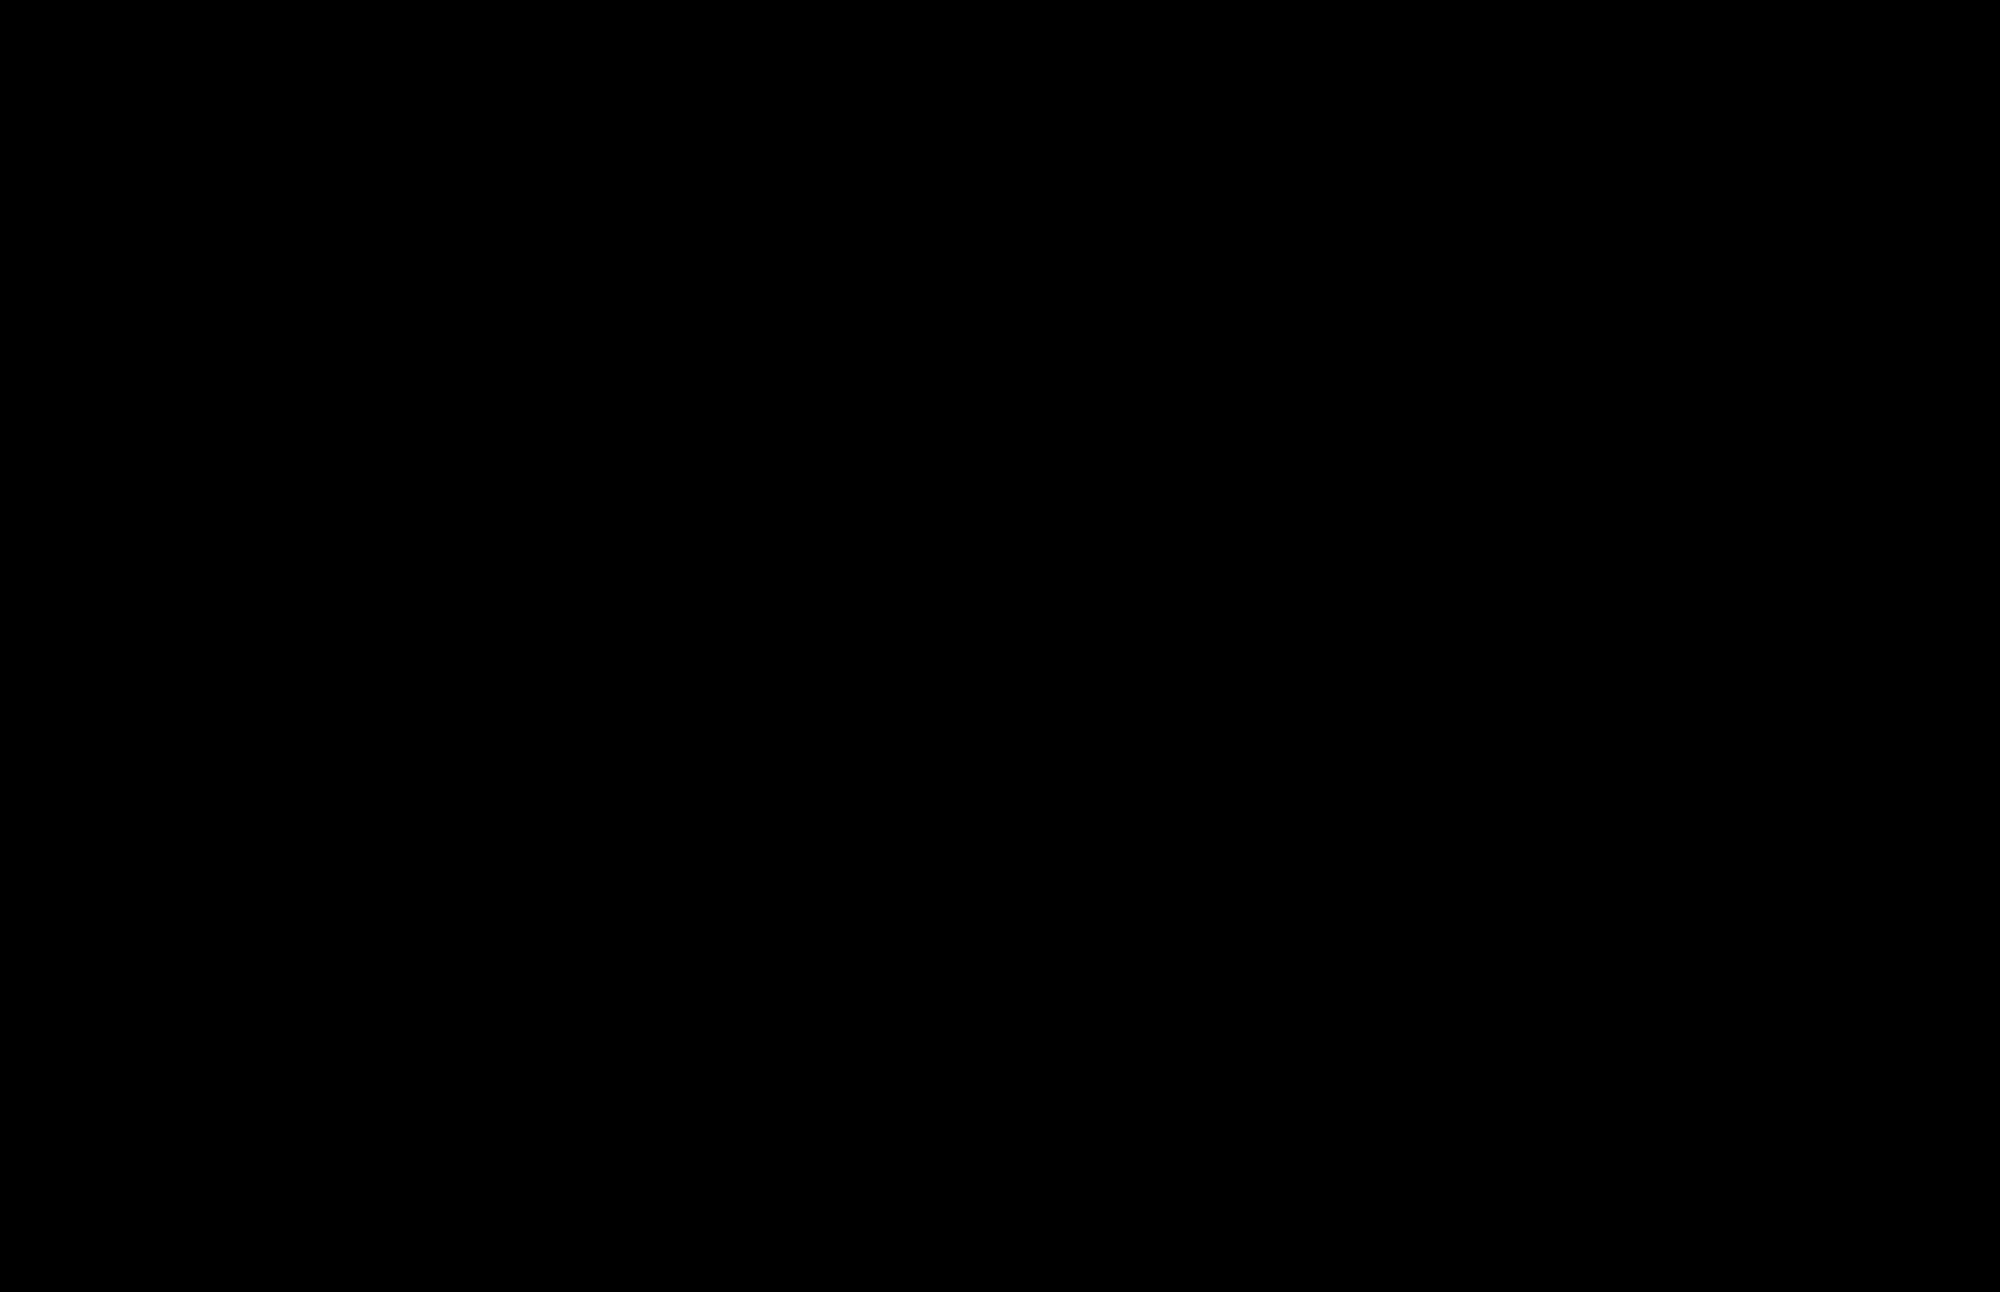 Dopple logo